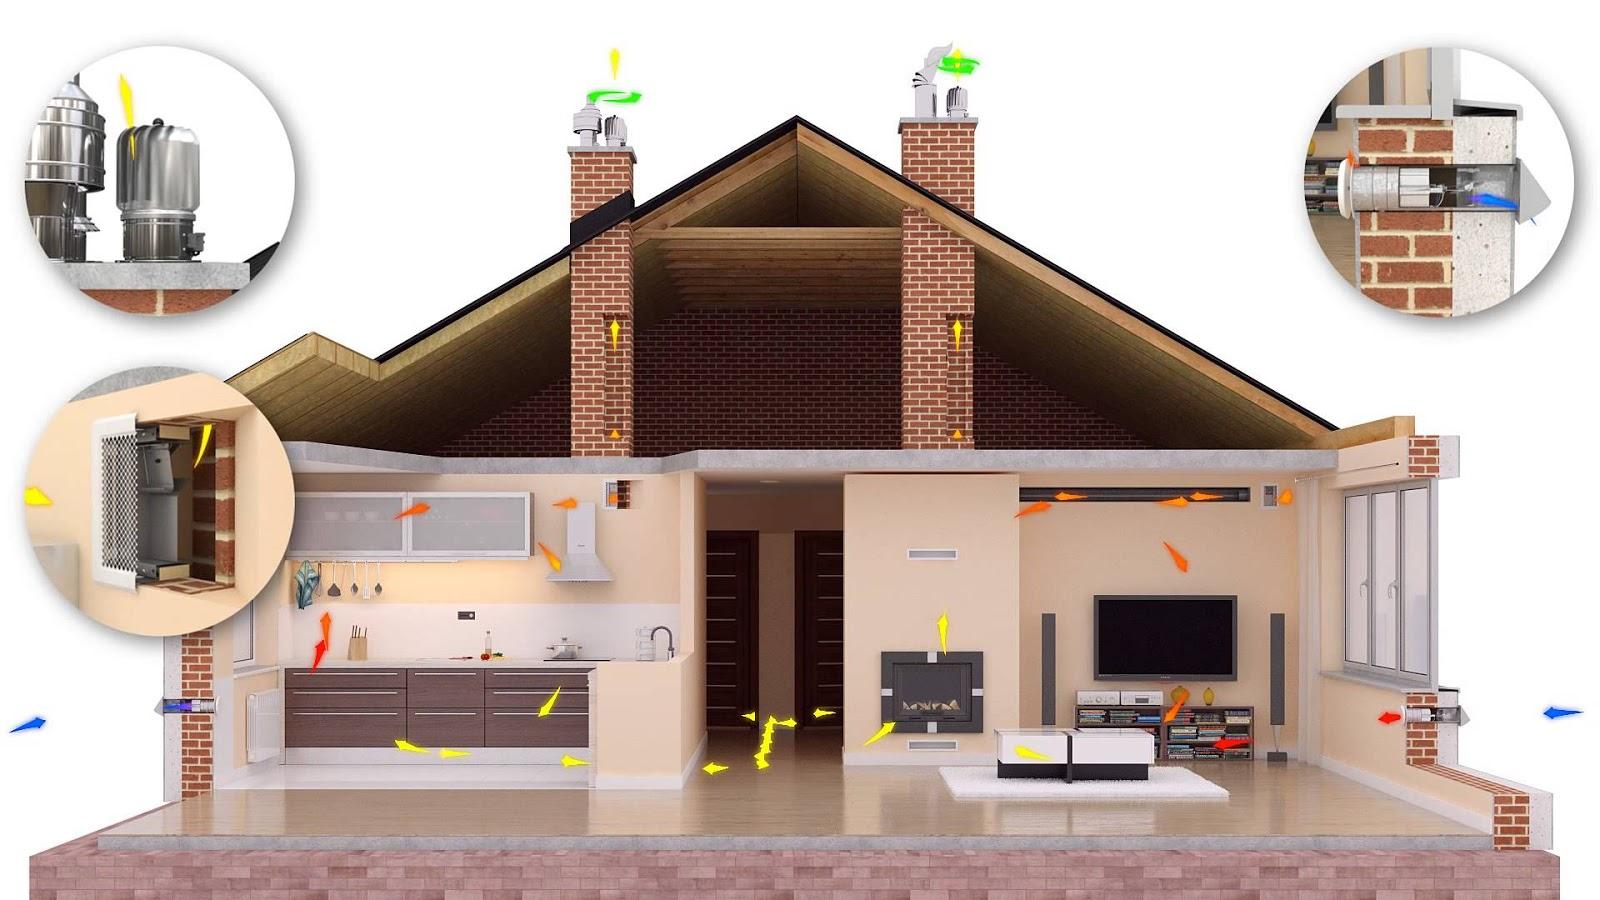 Пример перемещения воздушных потоков в доме в системе естественной вентиляции